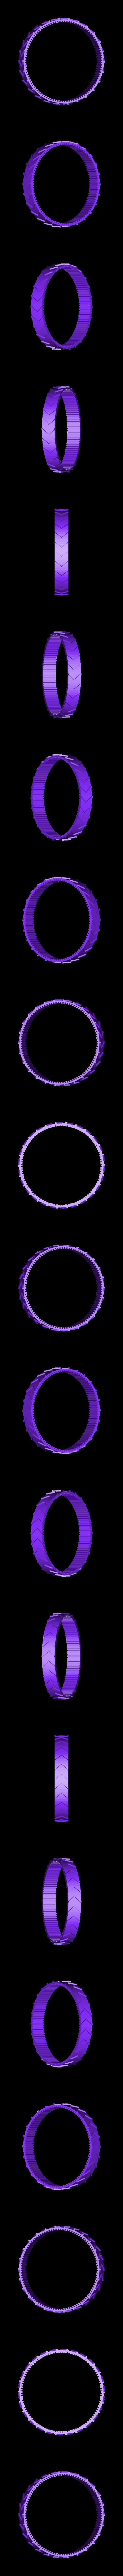 Tooth_Belt_sample.stl Télécharger fichier STL gratuit Ceinture à dents souple personnalisable • Plan imprimable en 3D, mschiller